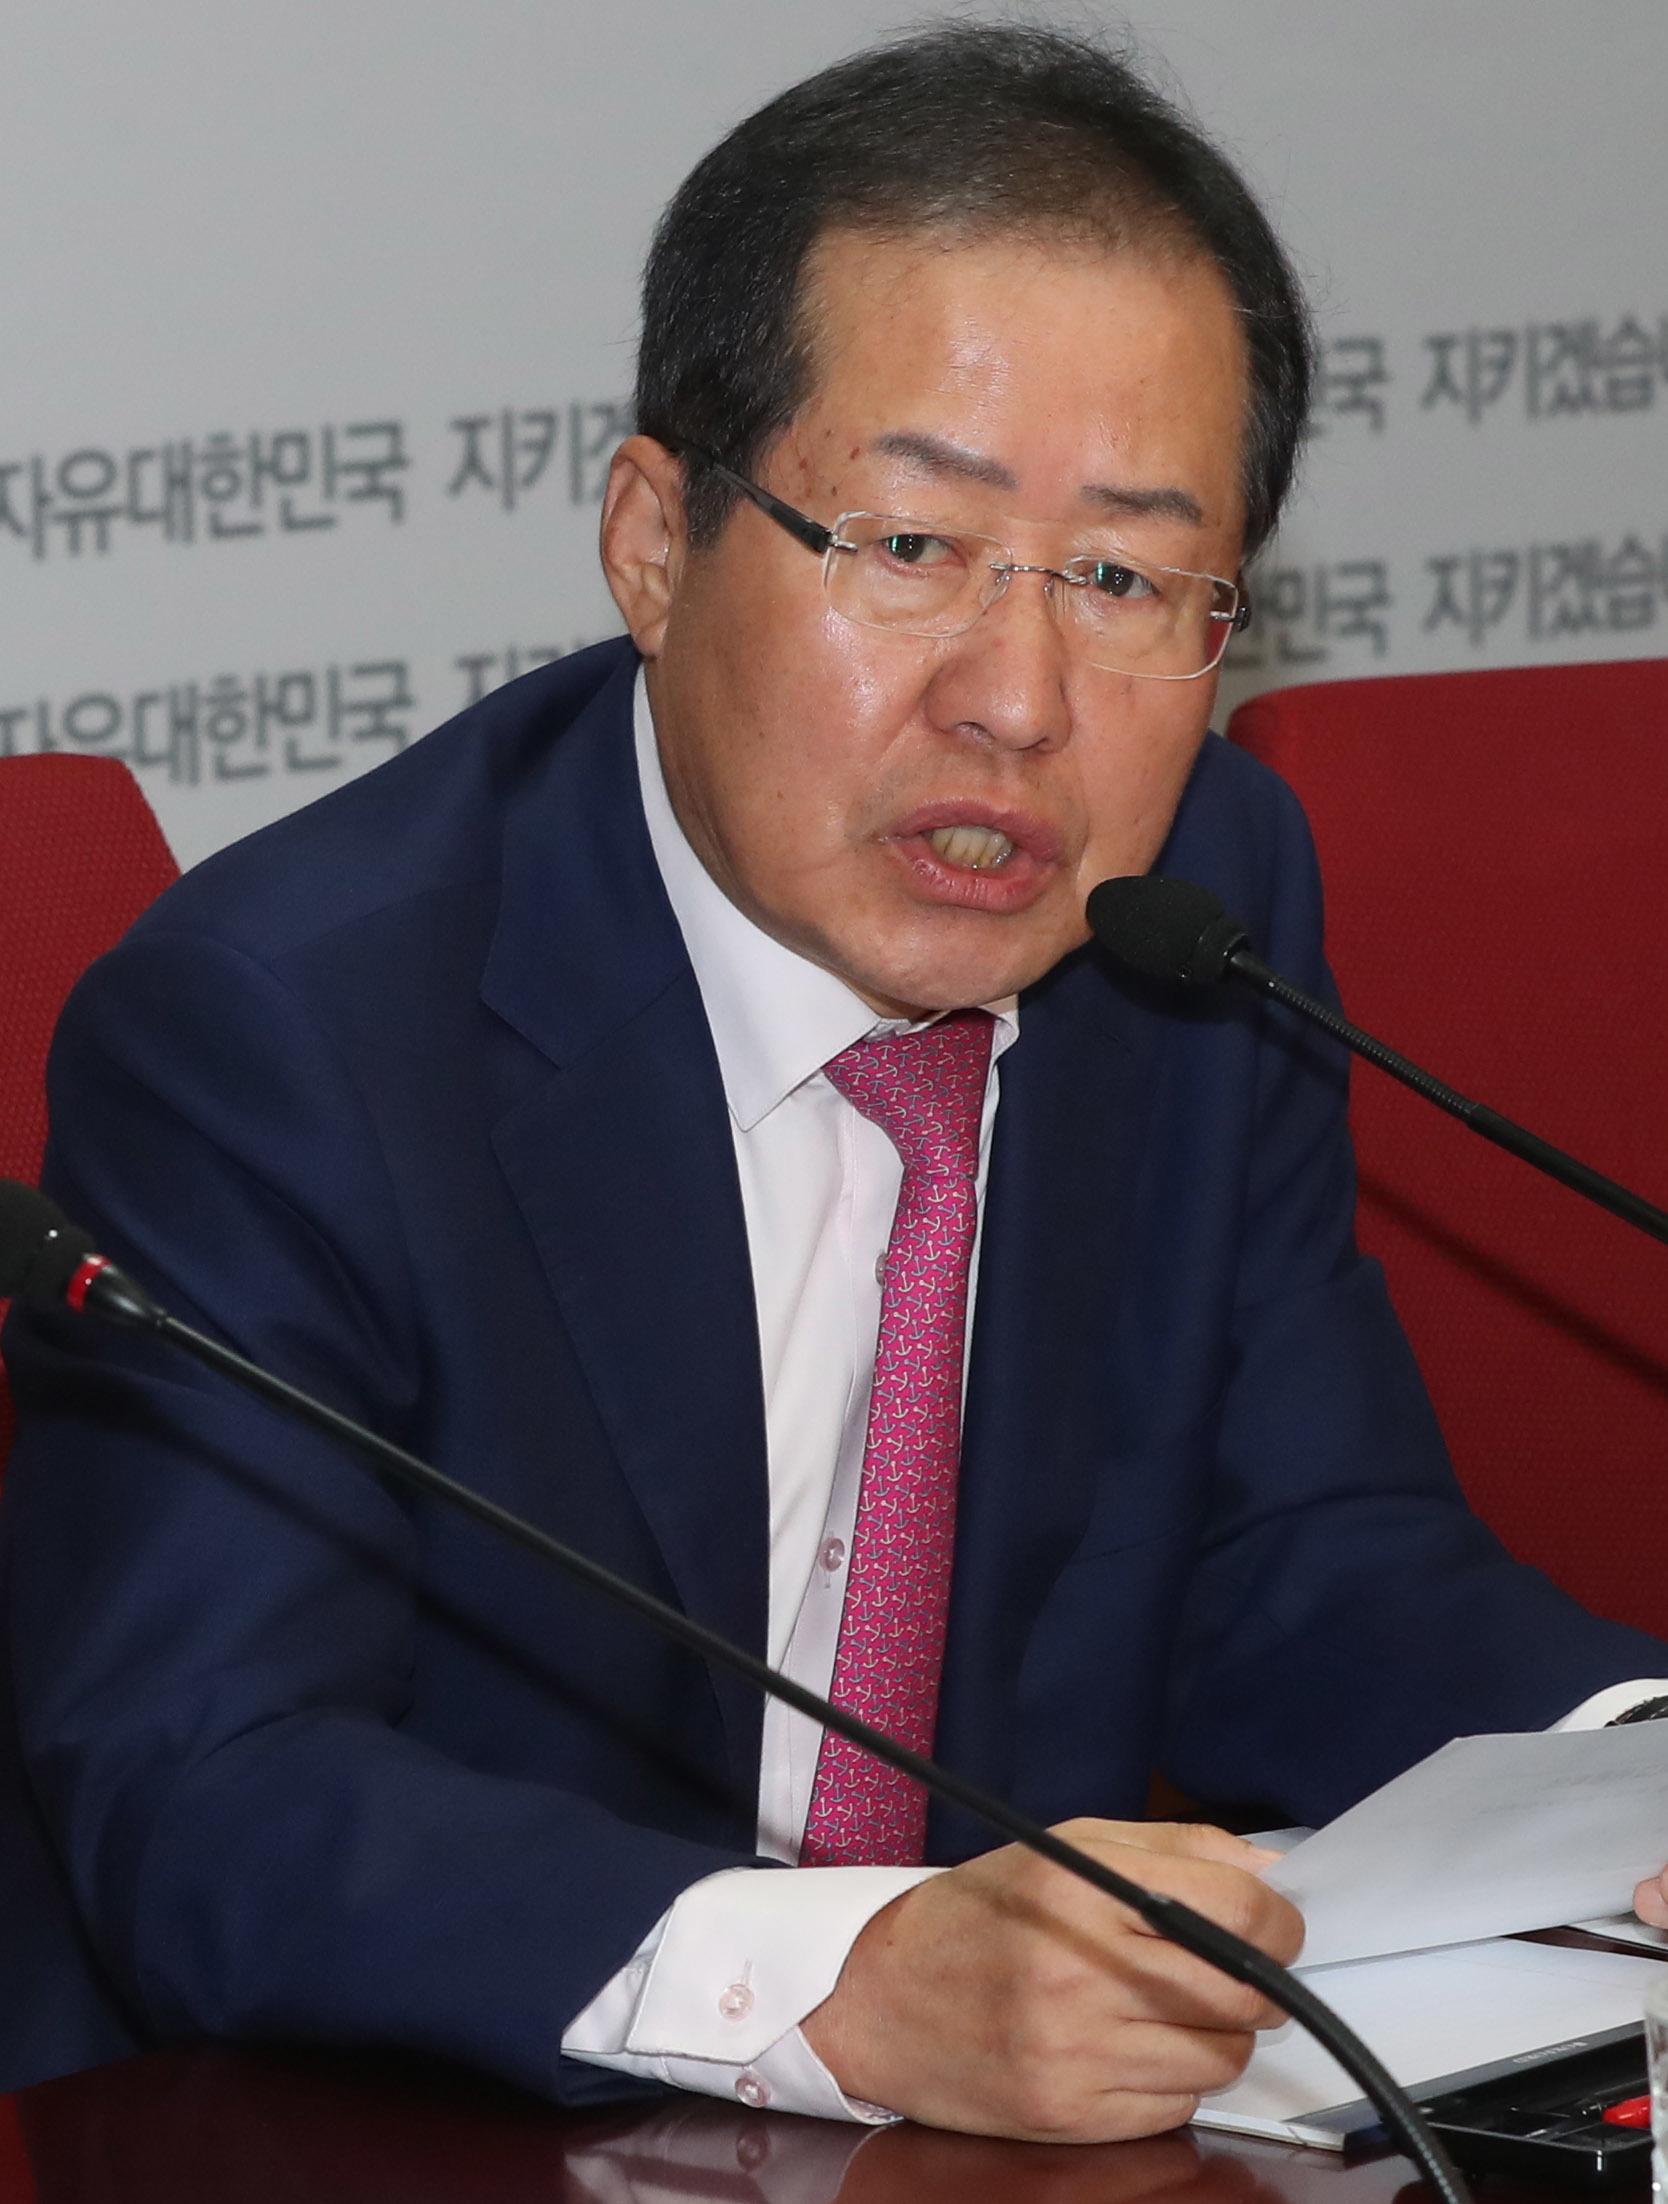 홍준표 자유한국당 대표가 16일 서울 여의도 당사에서 최고위원회의를 주재했다. 강정현 기자